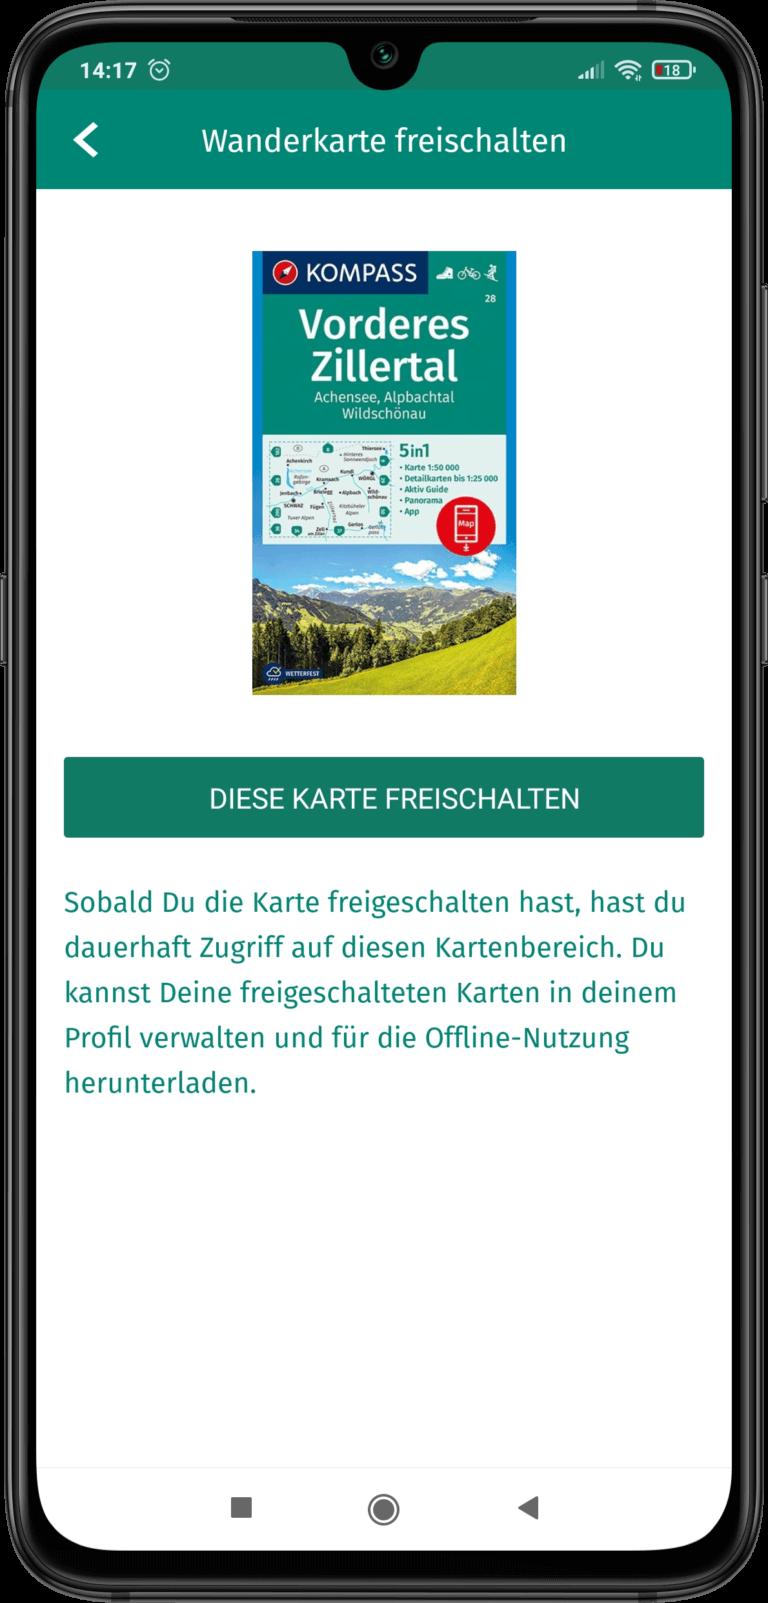 App Screenshot - Wanderkarte freischalten - Das gefundene Produkt wird dargestellt